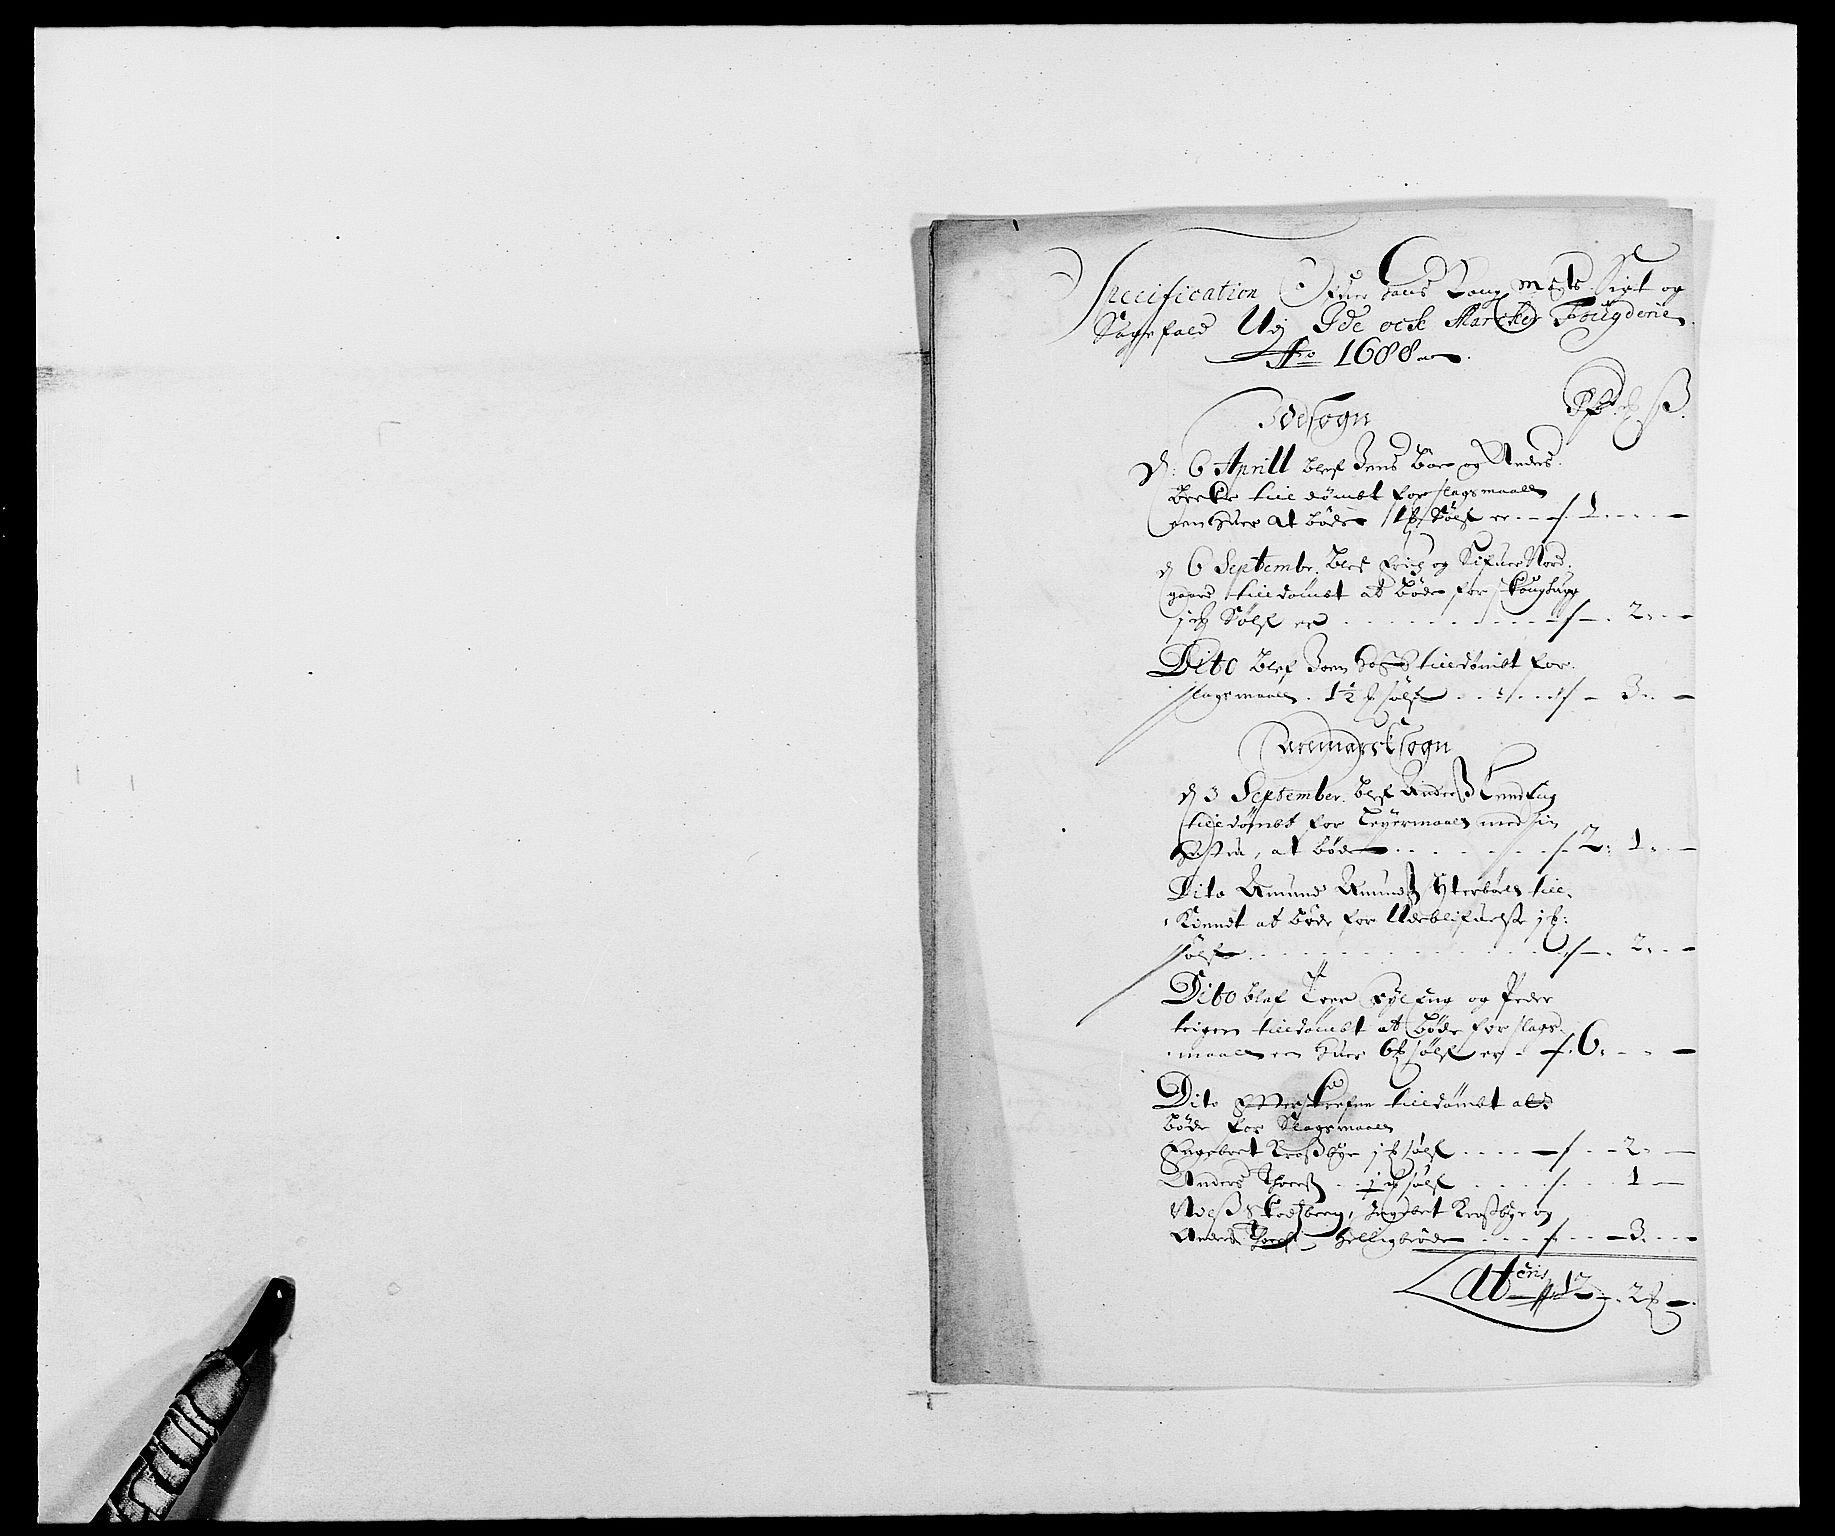 RA, Rentekammeret inntil 1814, Reviderte regnskaper, Fogderegnskap, R01/L0007: Fogderegnskap Idd og Marker, 1687-1688, s. 274